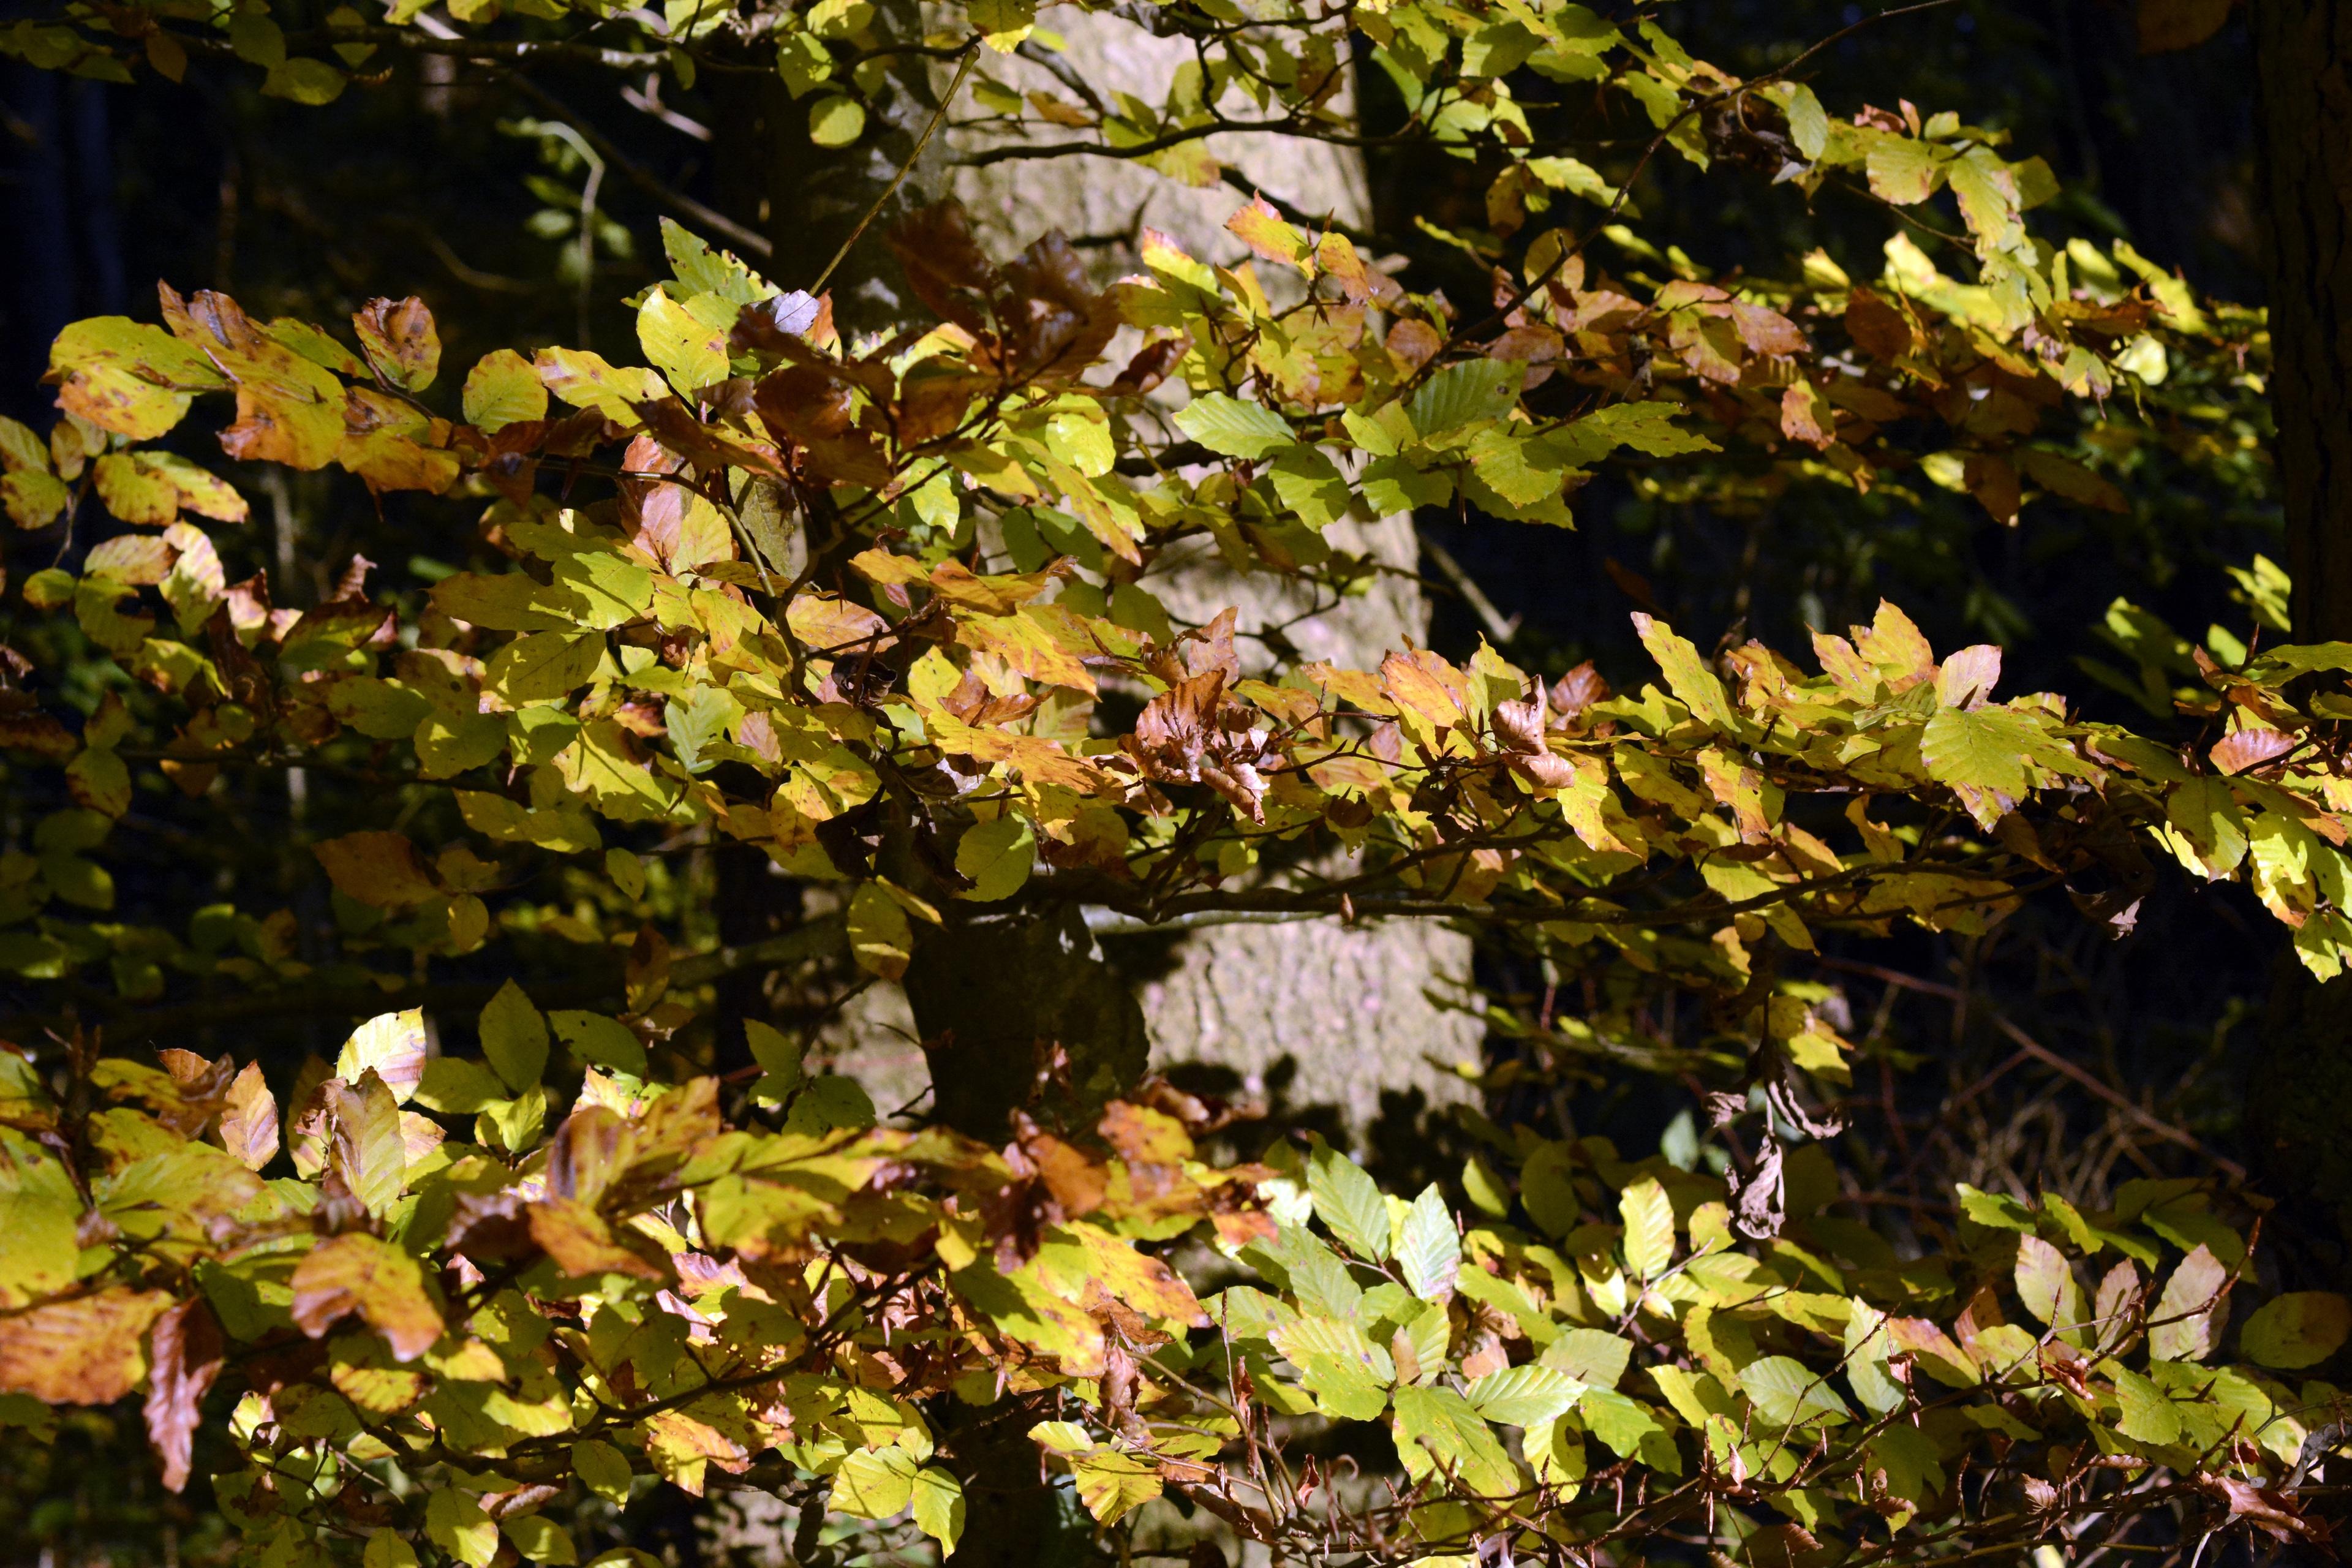 Free Images : nature, branch, sunlight, leaf, flower, botany ...